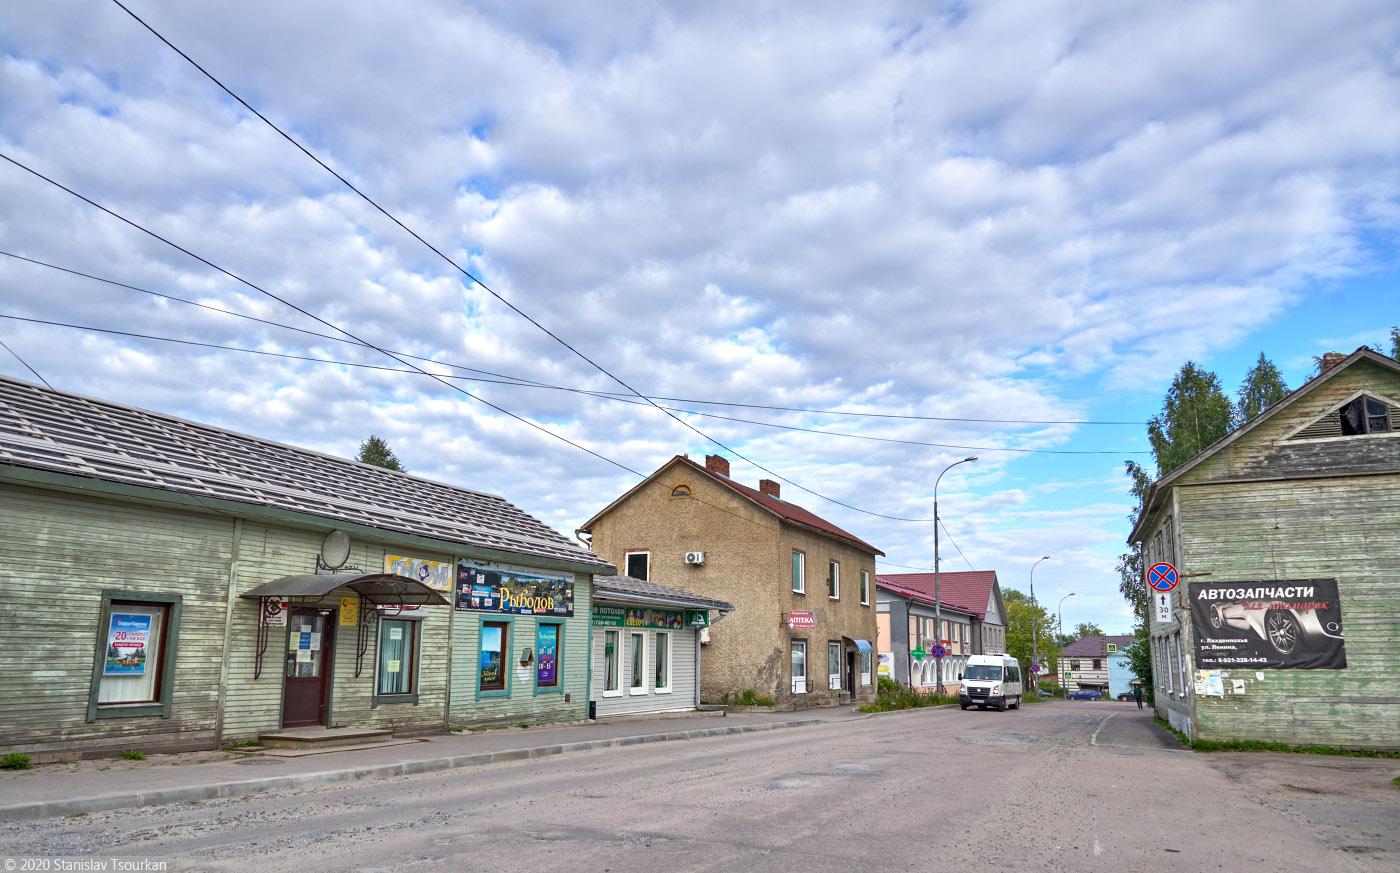 Лахденпохья, Карелия, республика Карелия,